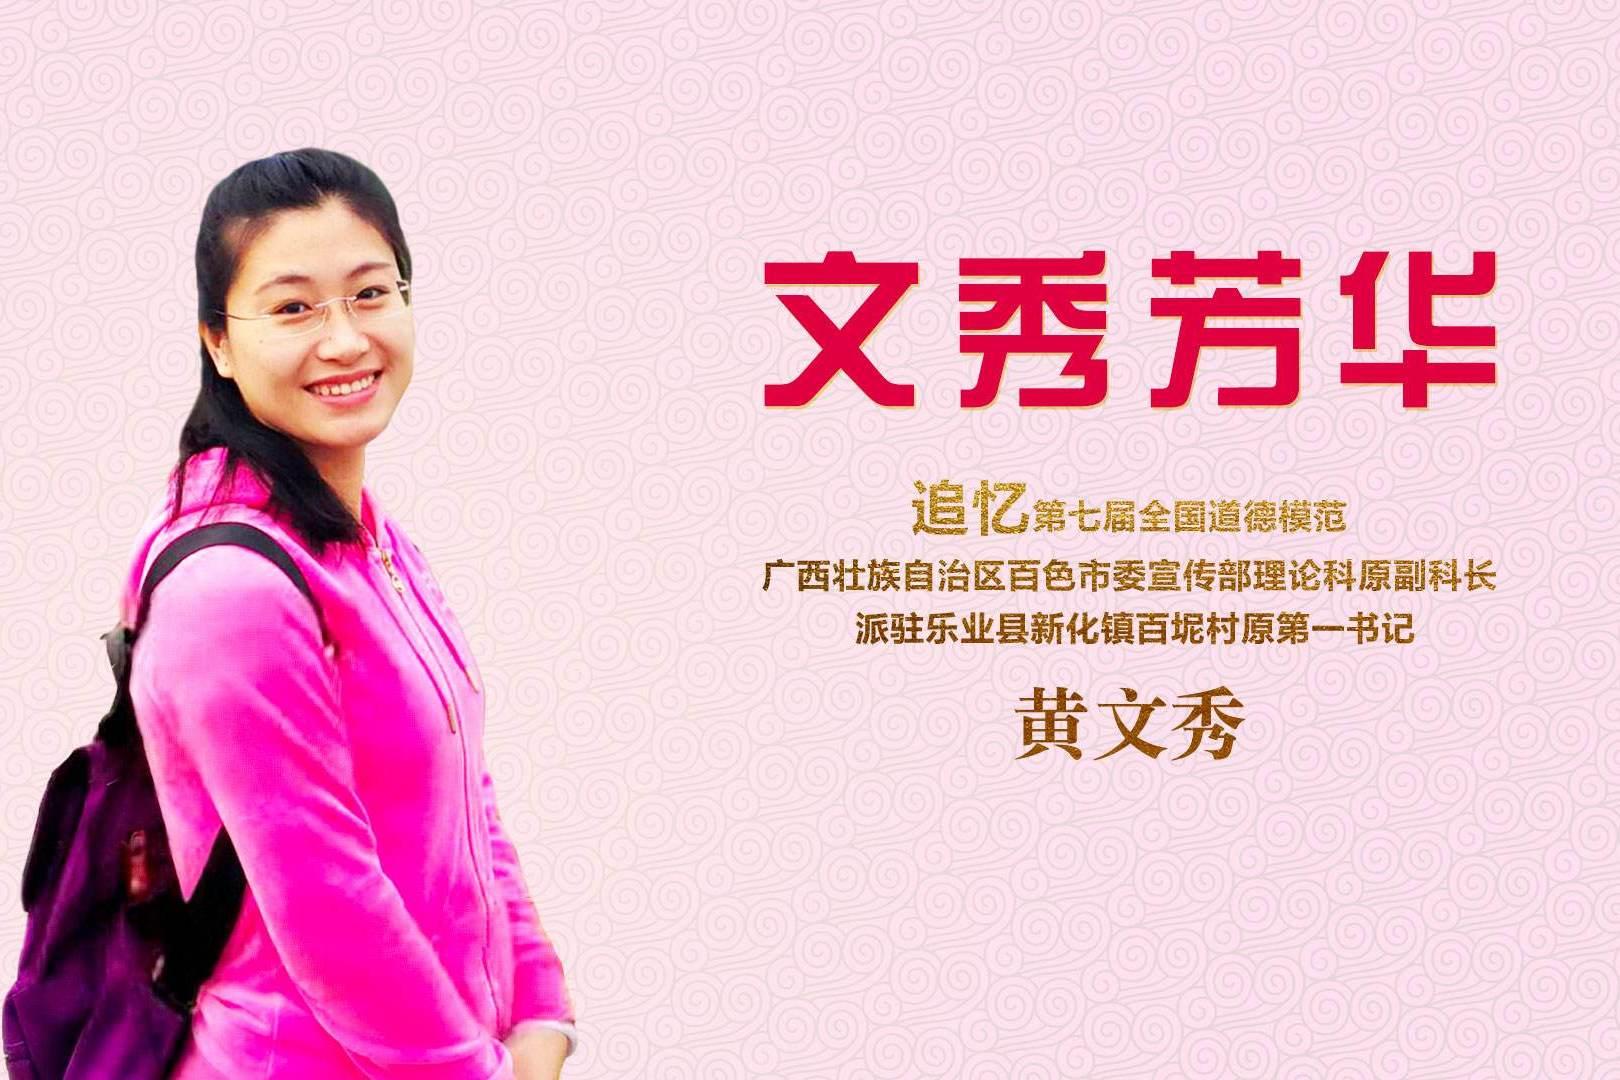 黄文秀:执着的追求 闪光的青春